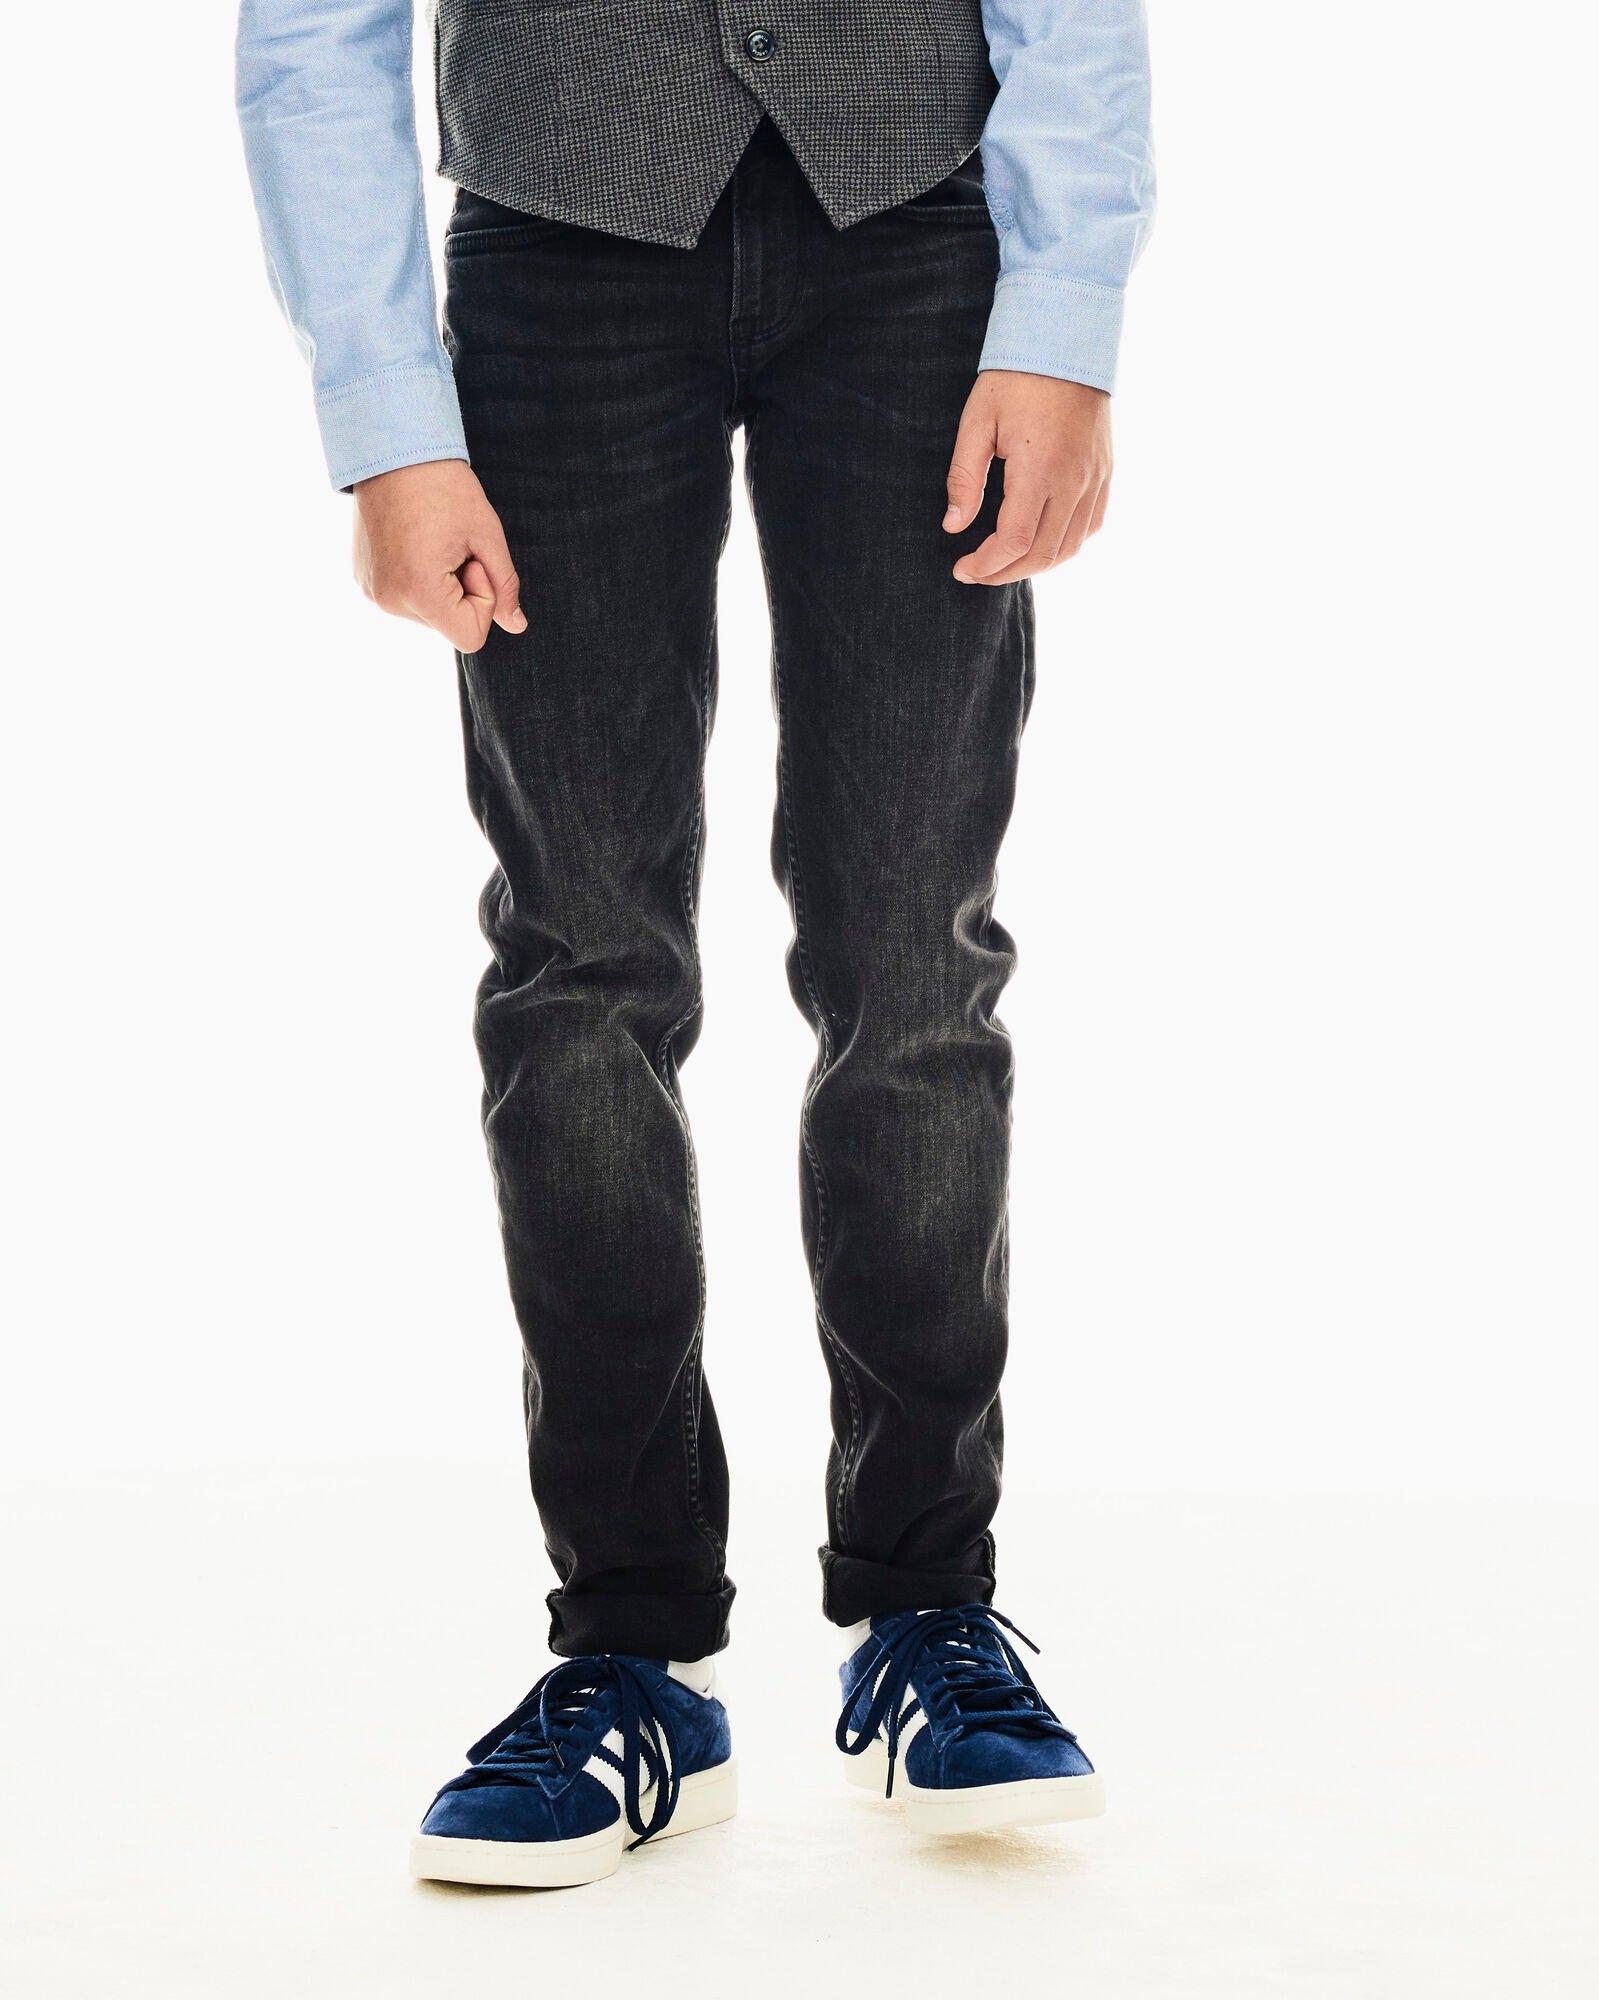 Op zoek naar een Garcia tapered jeans? Koop online bij OTTO